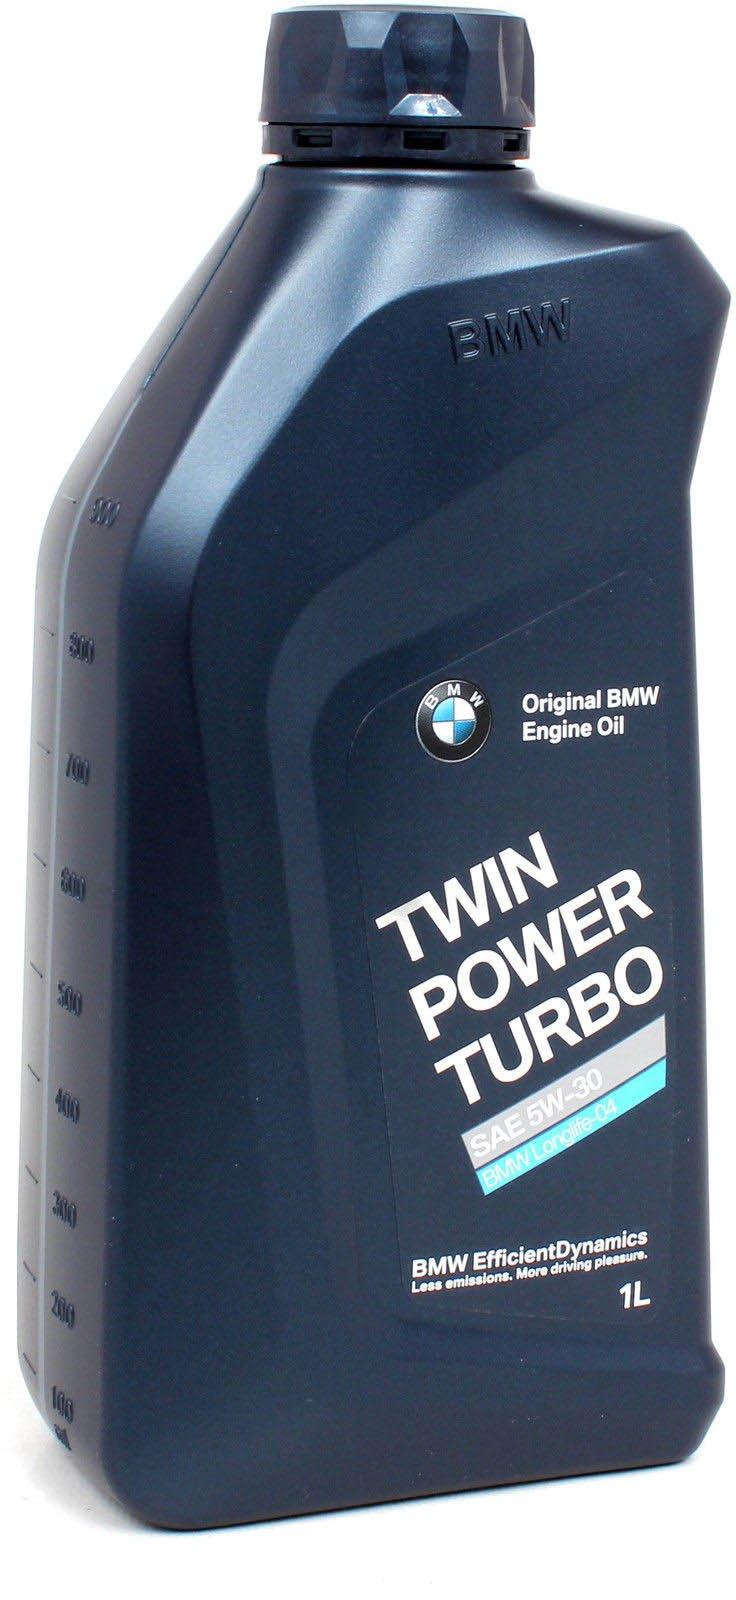 BMW TwinPower Turbo LL-04 5w-30